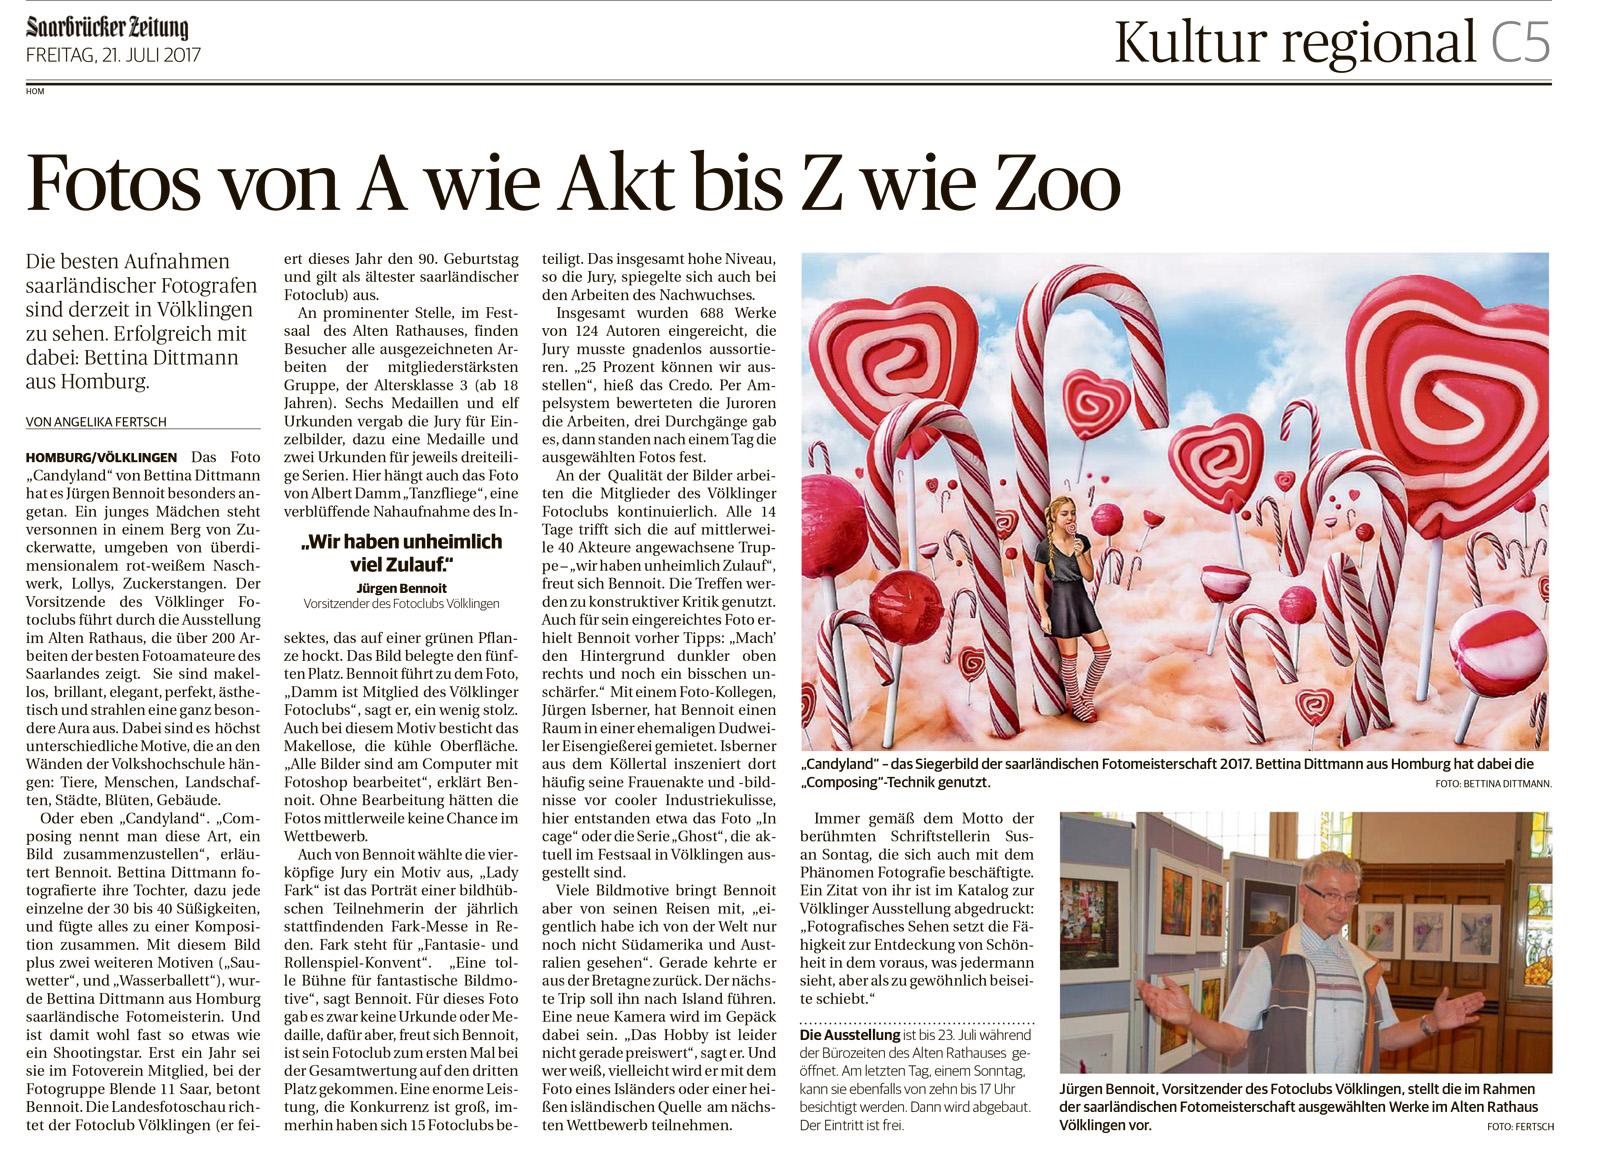 Saarbrücker Zeitung 21.07.2017